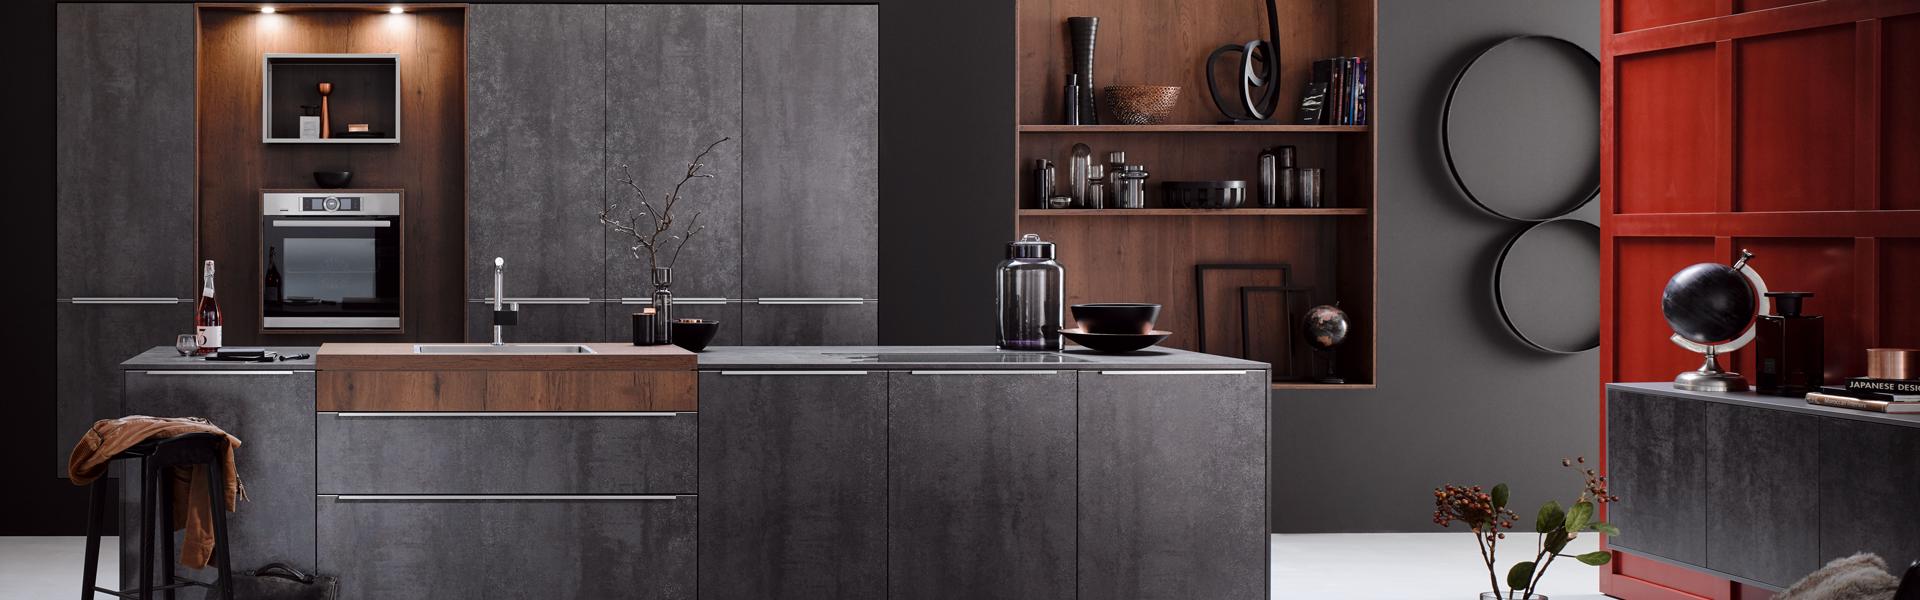 Luxe Ecook Xclusiv keuken | Eigenhuis Keukens